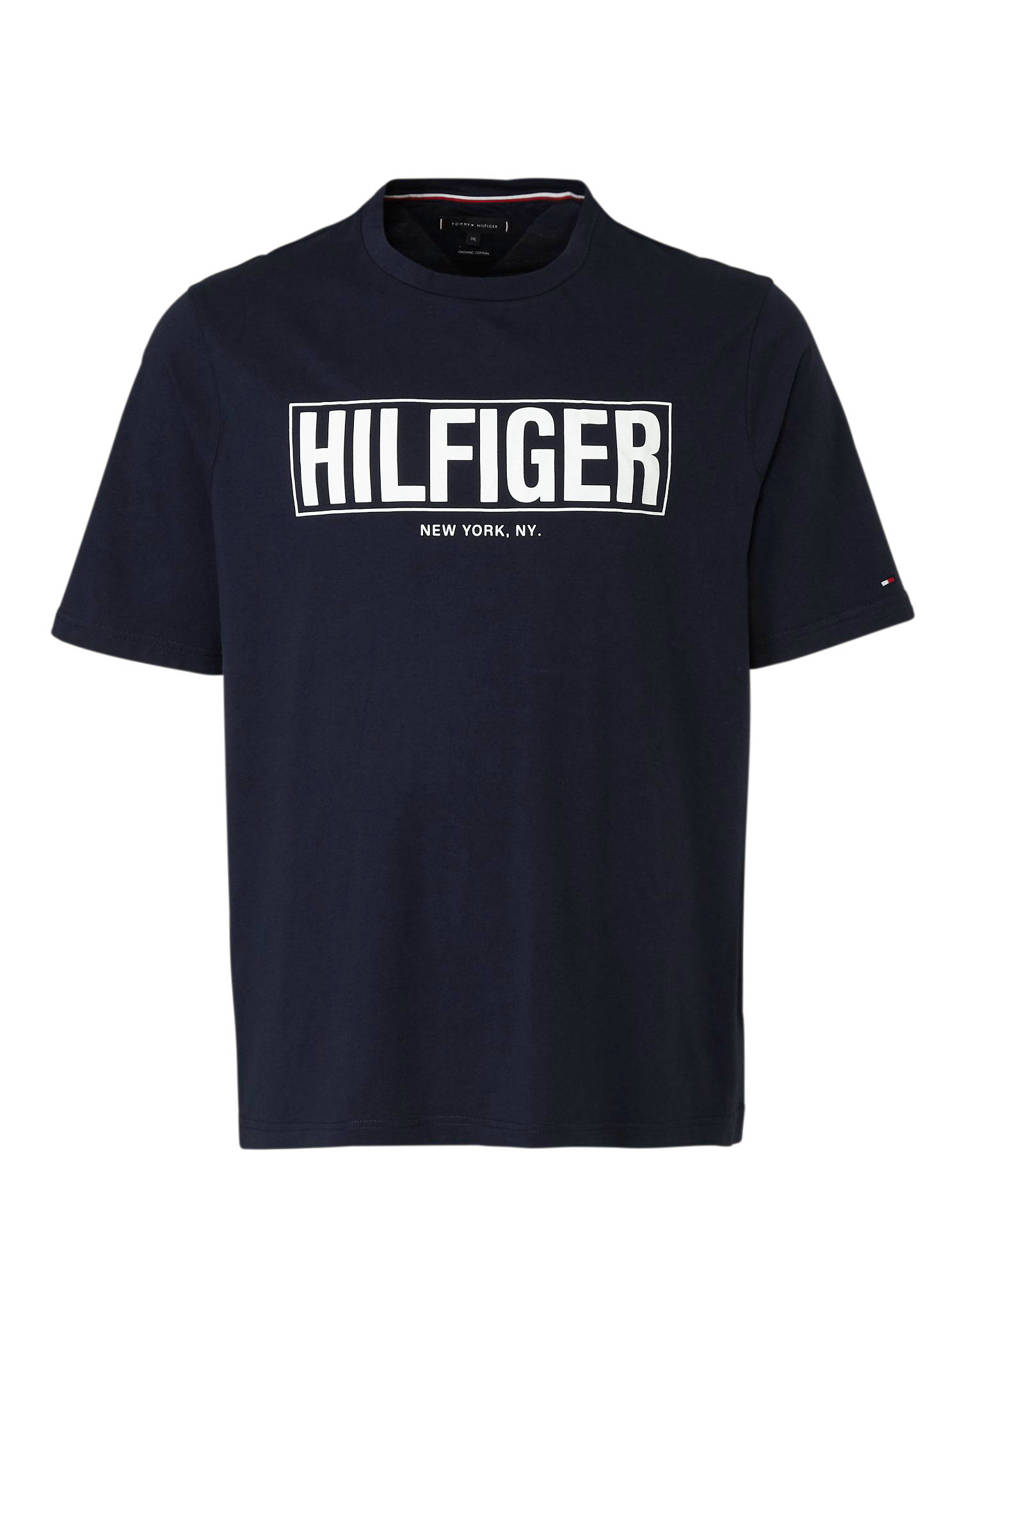 Tommy Hilfiger Big & Tall +size T-shirt met logo, Donkerblauw